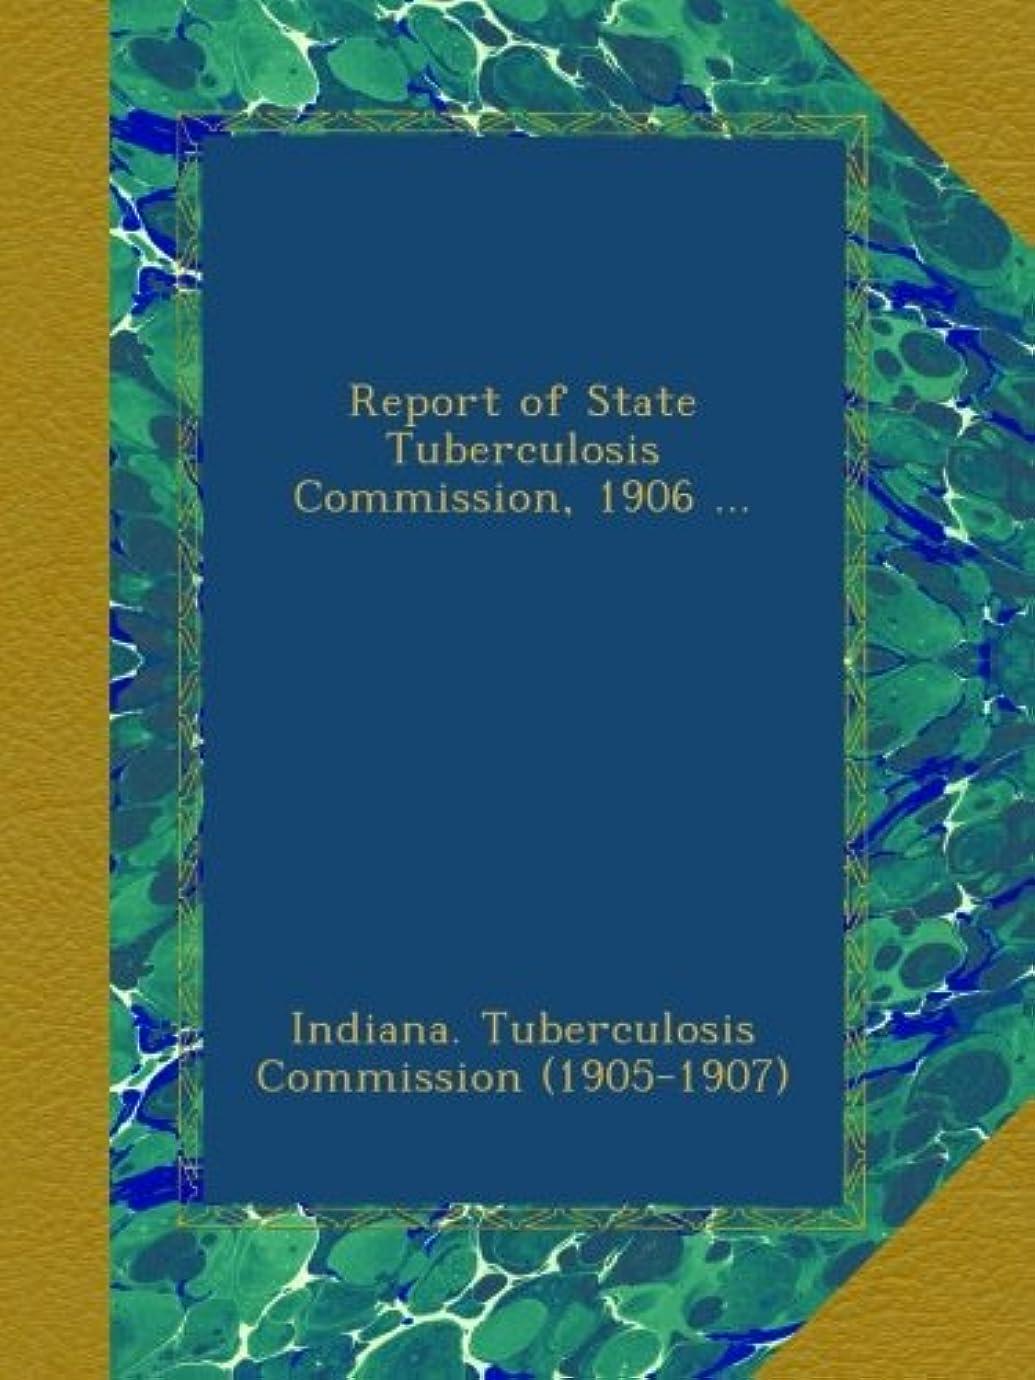 吐くコジオスコ従順なReport of State Tuberculosis Commission, 1906 ...